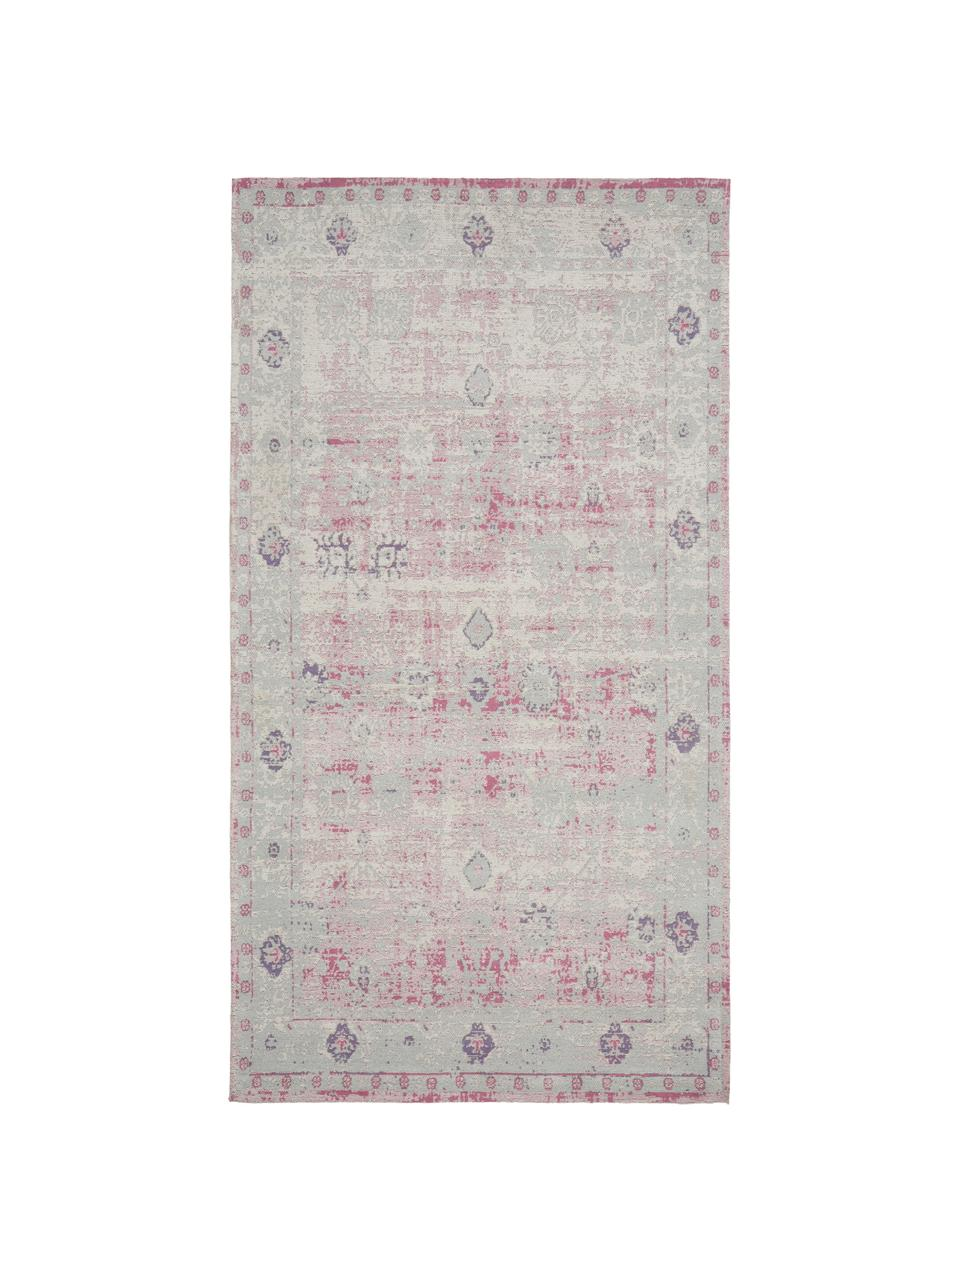 Tappeto vintage in ciniglia rosa-grigio chiaro tessuto a mano Rimini, Retro: 100% cotone, Rosa, grigio, Larg. 80 x Lung. 150 cm (taglia XS)